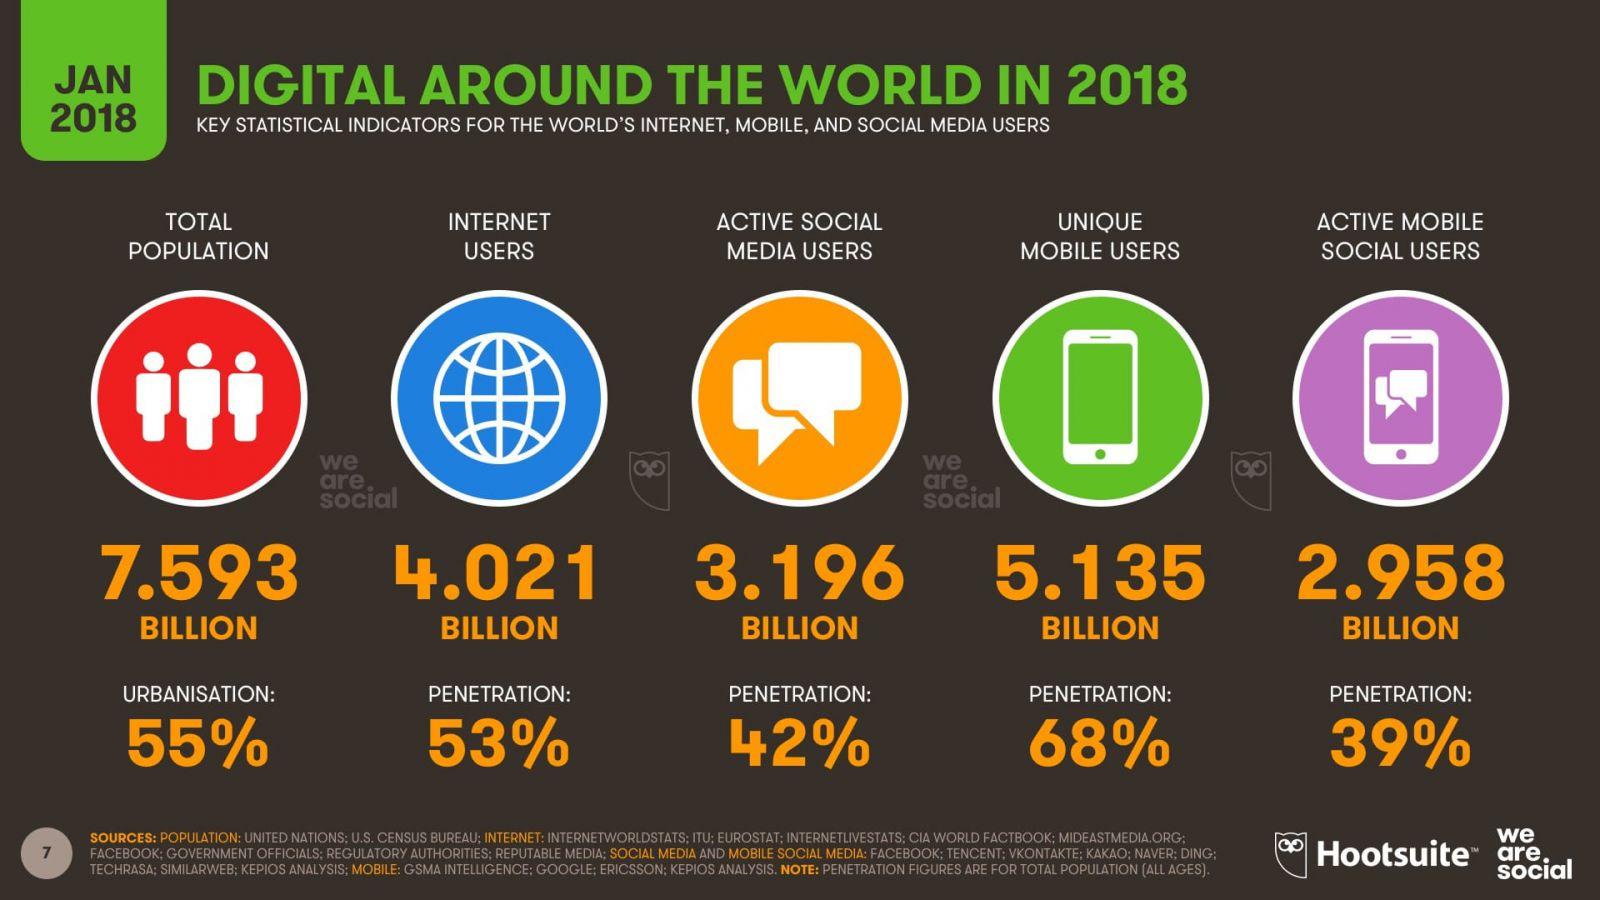 27f8487df Digital-сфера неутомимо растет и развивается. Это доказывает, что  продвижение бизнеса в интернете становится лишь актуальнее.